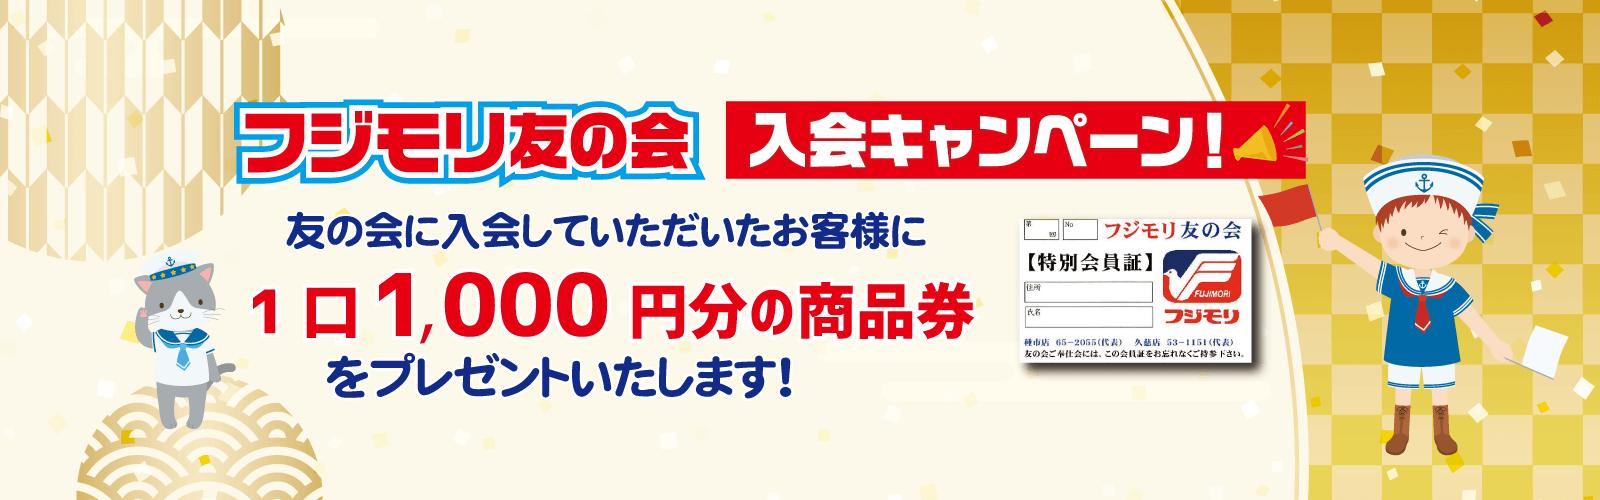 フジモリ友の会入会キャンペーン